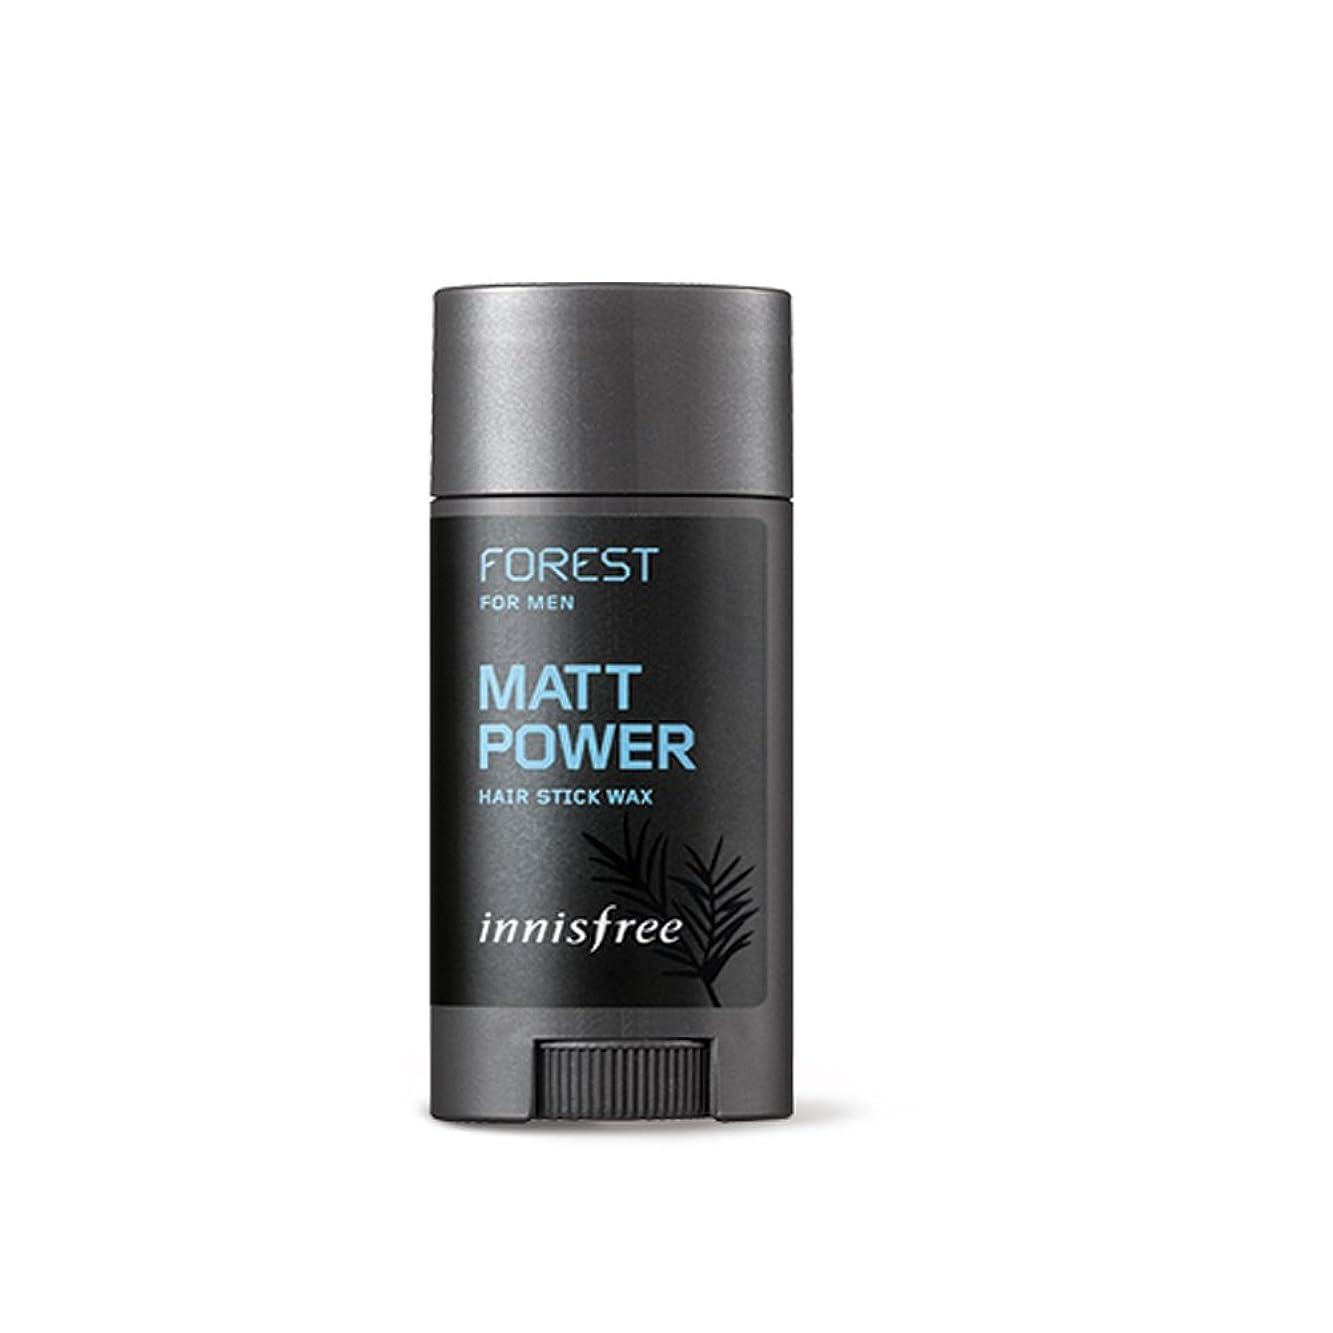 故国本能リアルイニスフリーフォレストメンズヘアスティックワックス、マットパワー15g / Innisfree Forest for Men Hair Stick Wax, Matt Power 15g [並行輸入品][海外直送品]